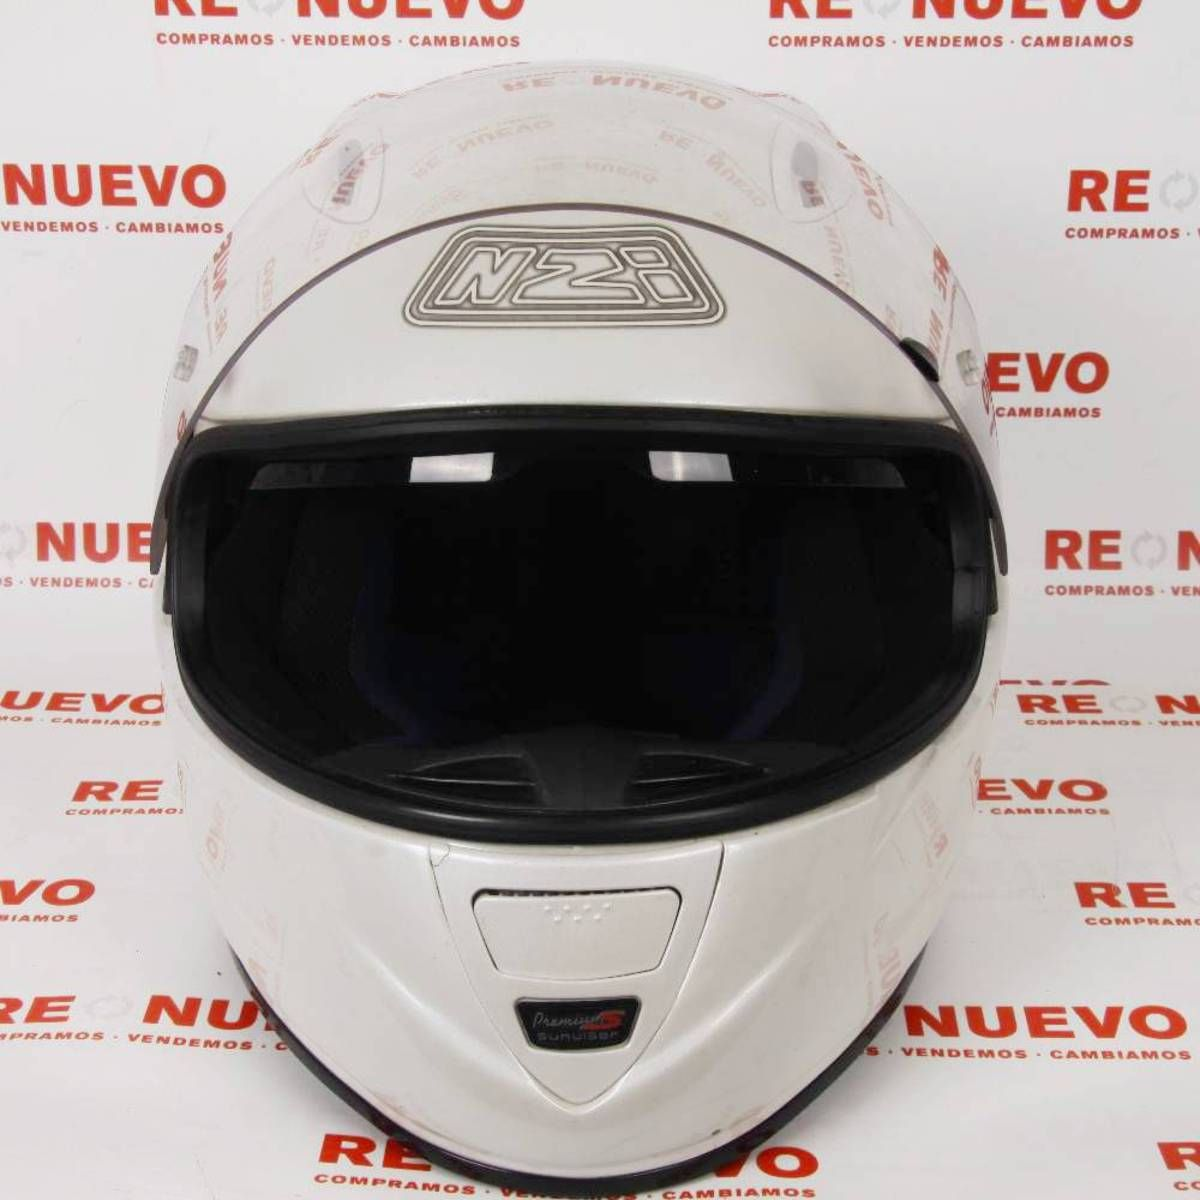 Casco de moto NZI PREMIUM S Talla L E269105 # Casco NZI # de segunda mano # NZI